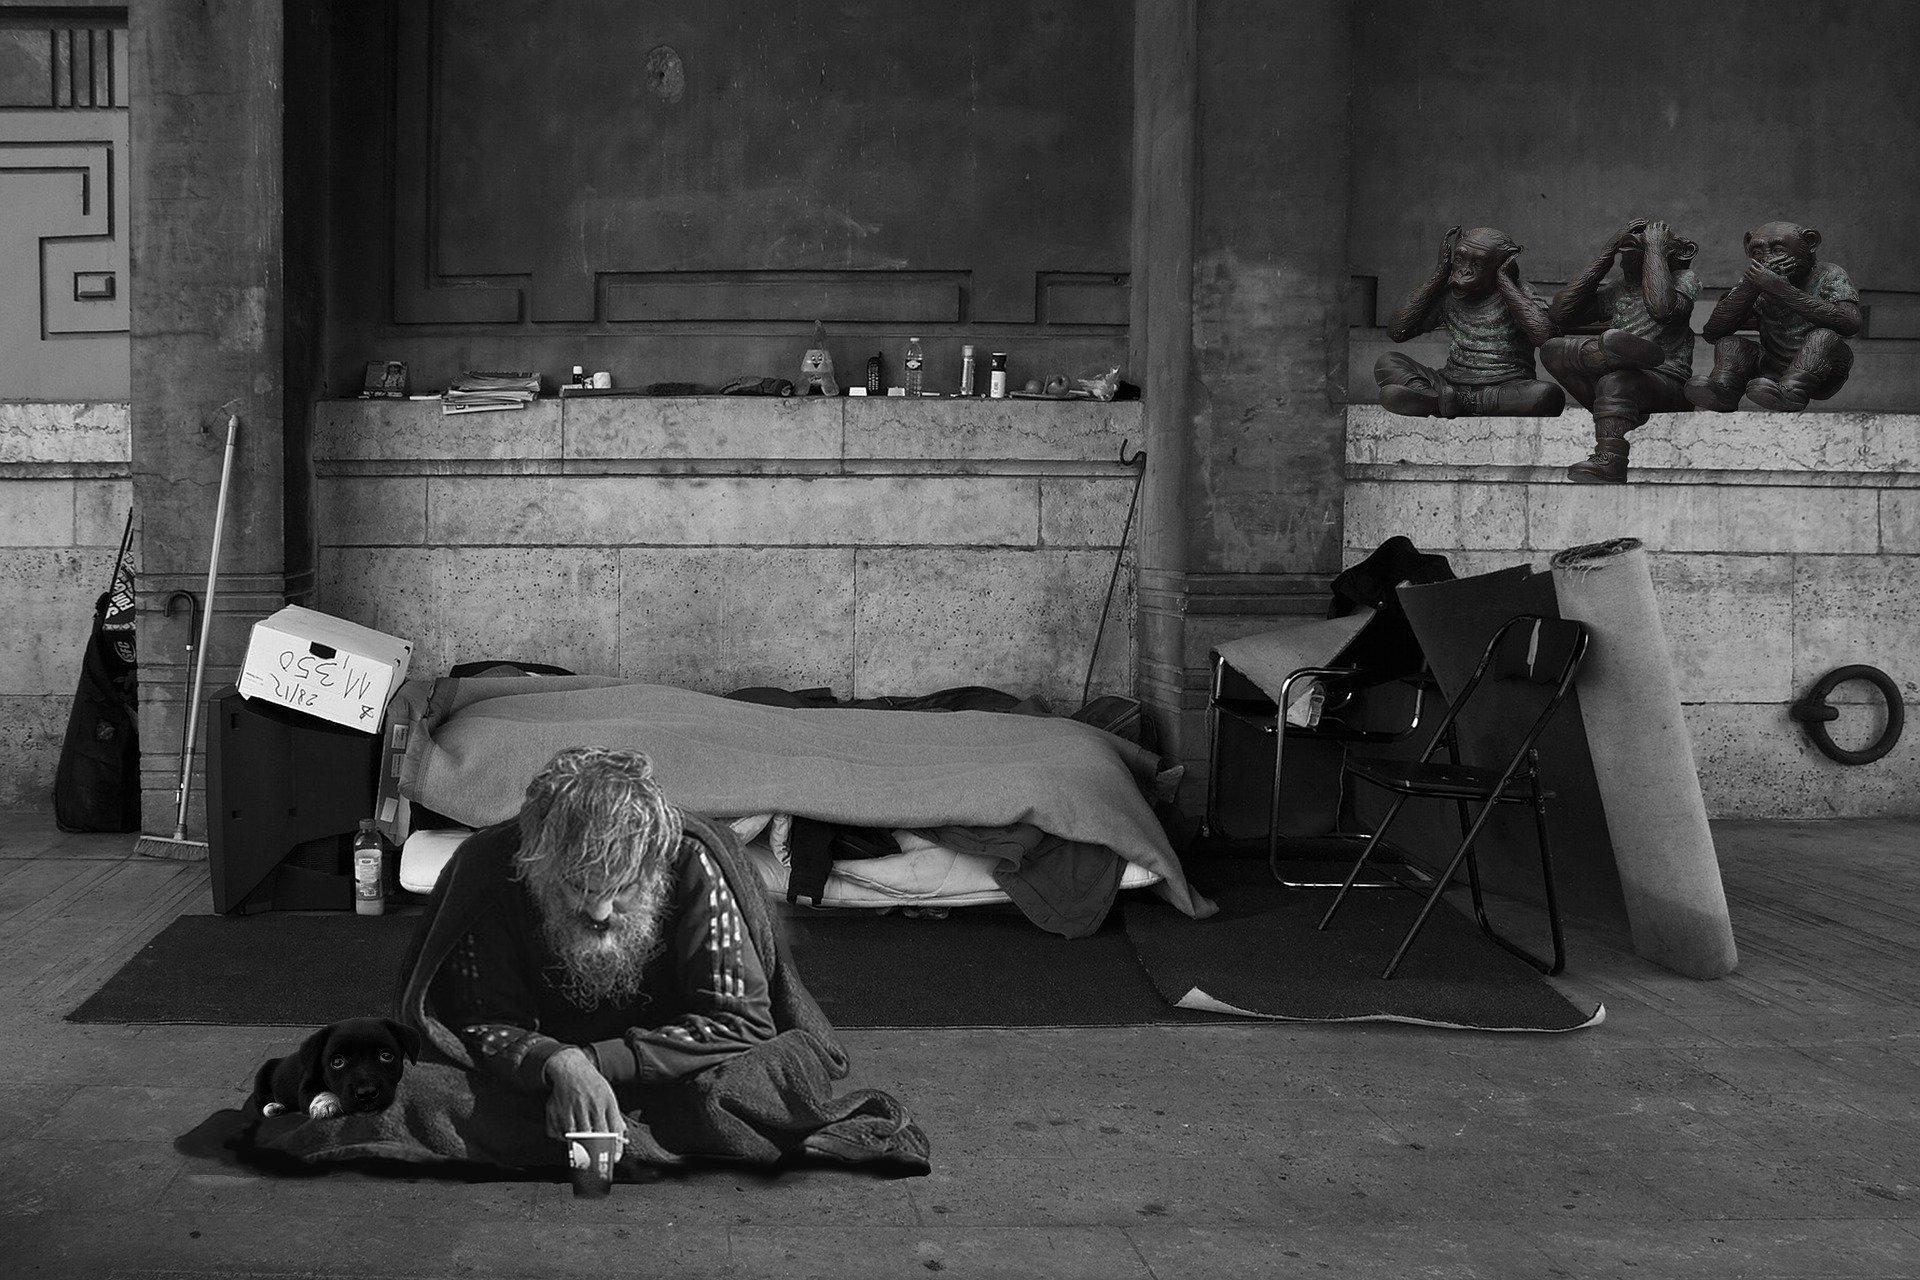 homeless man 2653445 1920.jpg?resize=412,275 - À Paris, la population de sans-abri du métro se compose de plus en plus de travailleurs pauvres